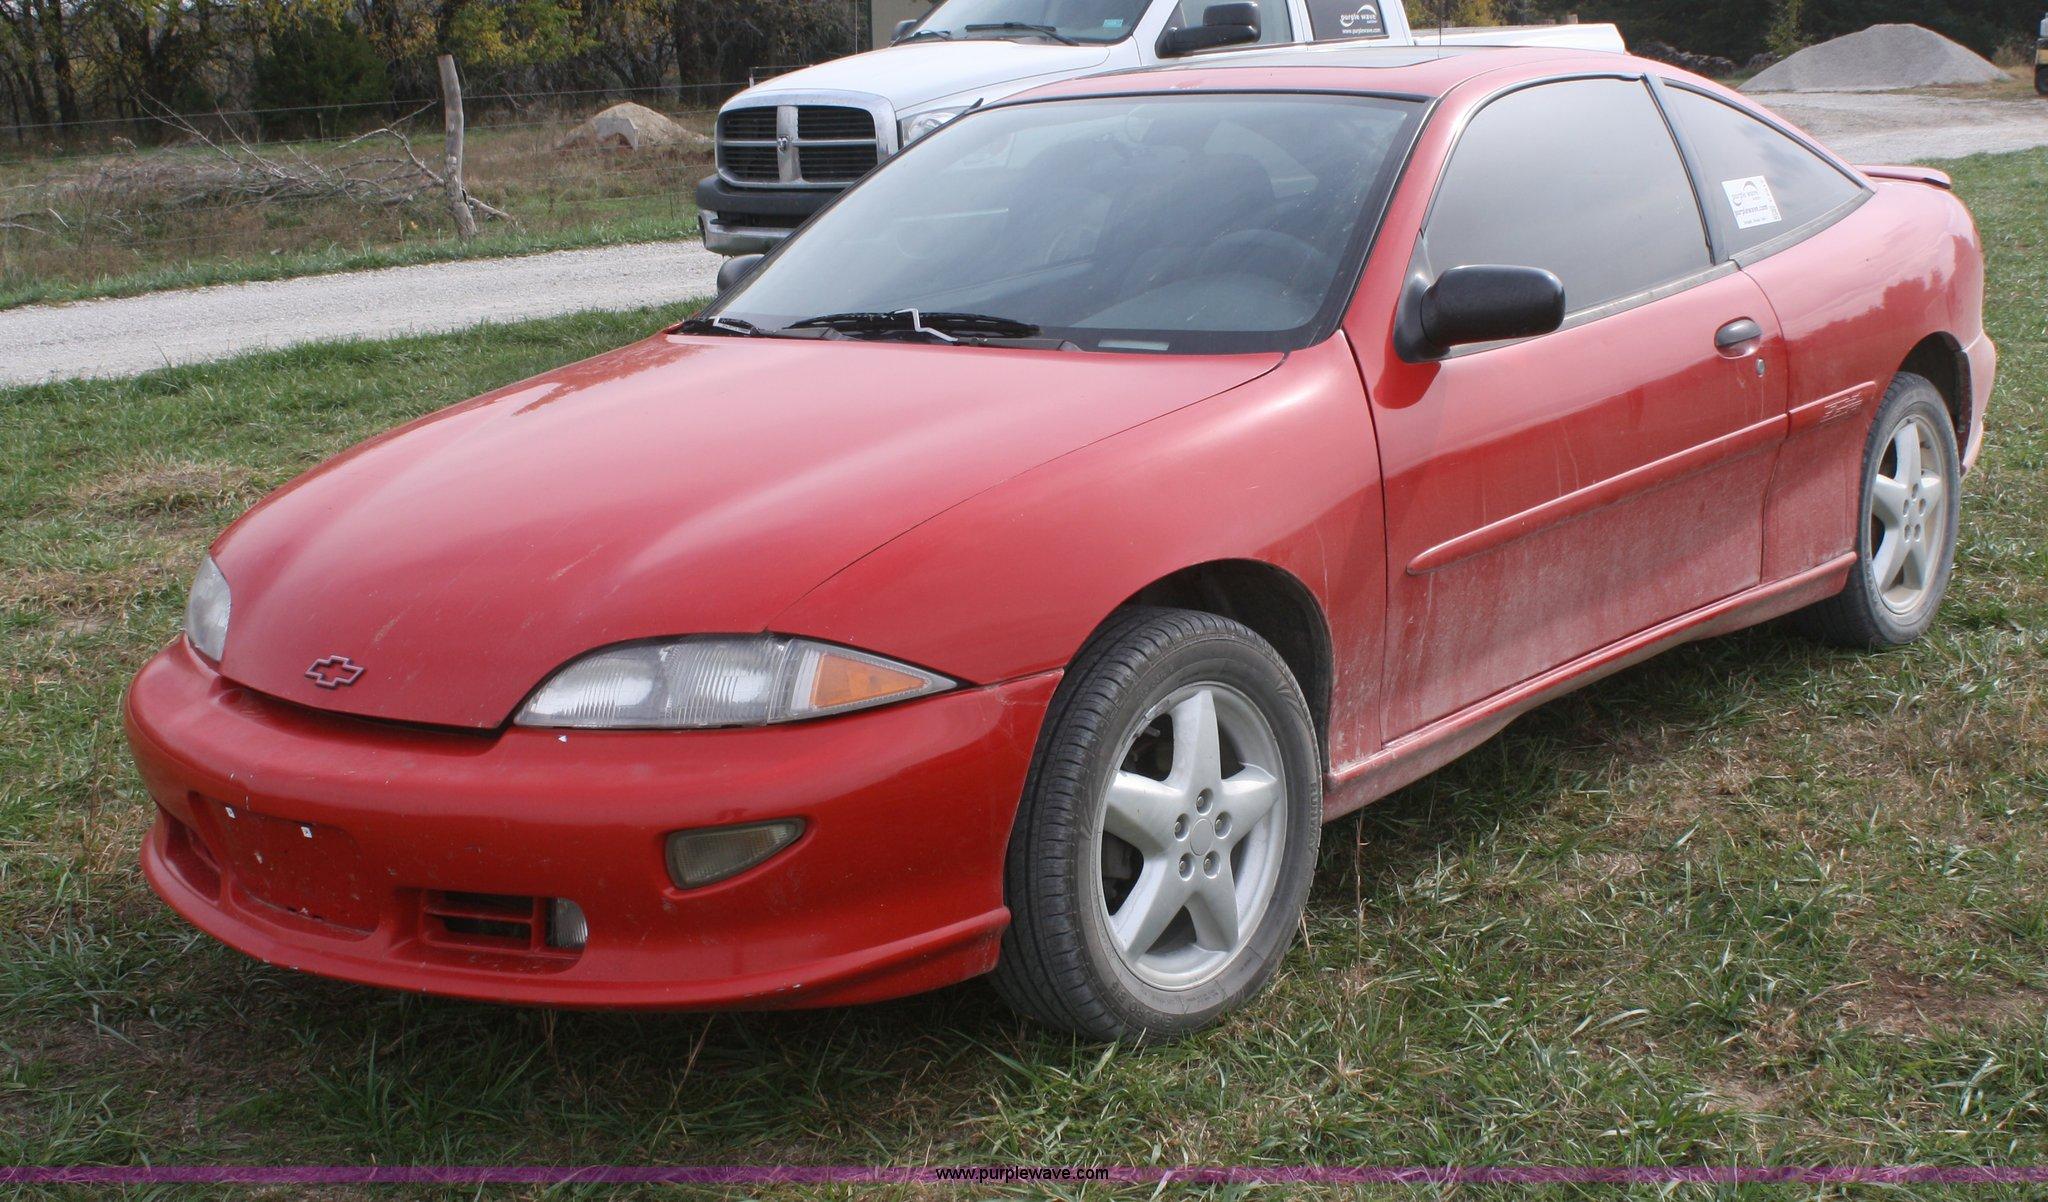 1997 chevrolet cavalier z24 in parker ks item f2517 sold purple wave 1997 chevrolet cavalier z24 in parker